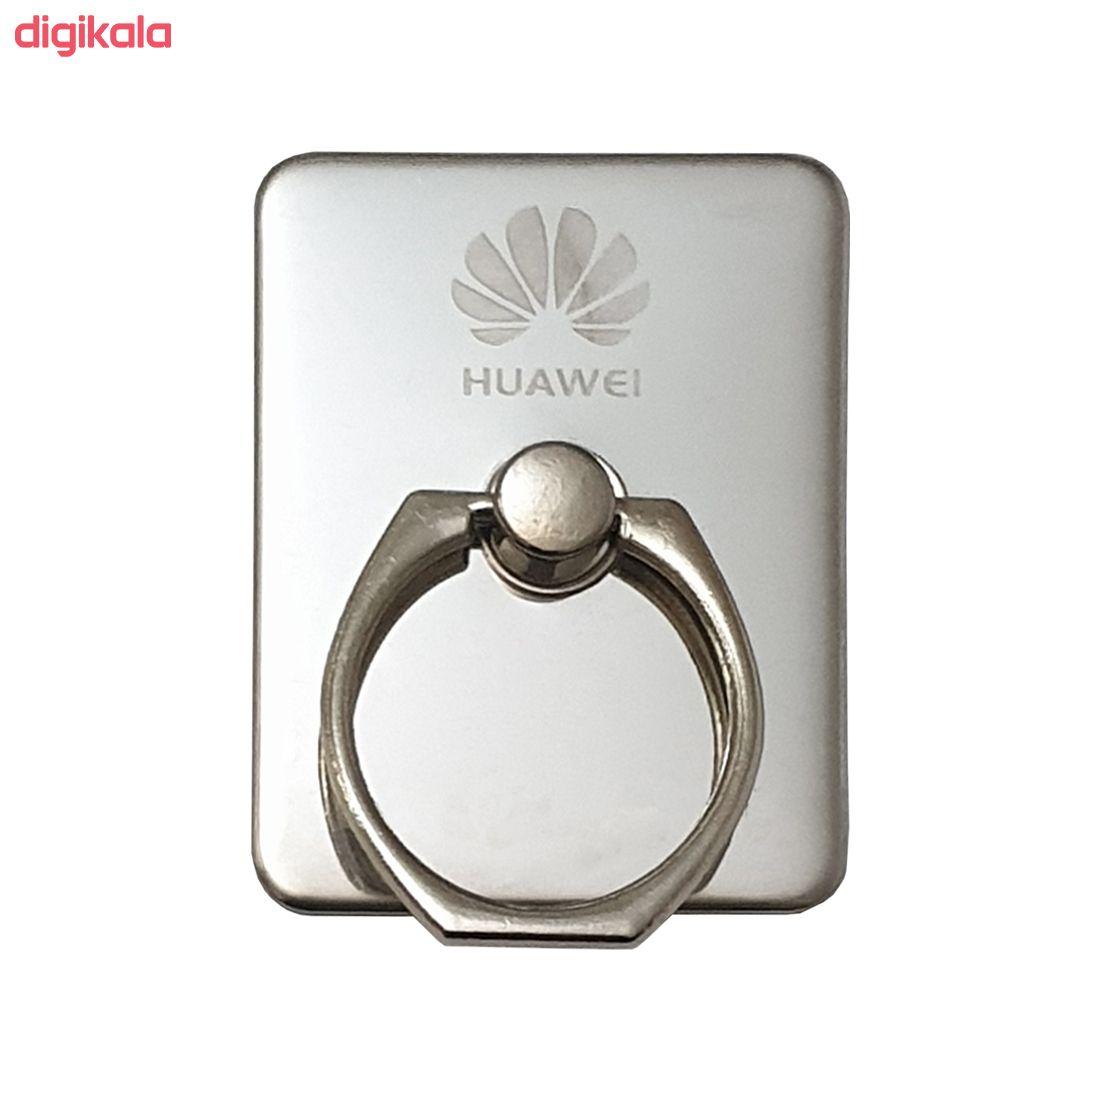 حلقه نگهدارنده گوشی موبایل هوآوی مدل RNG-03 main 1 6